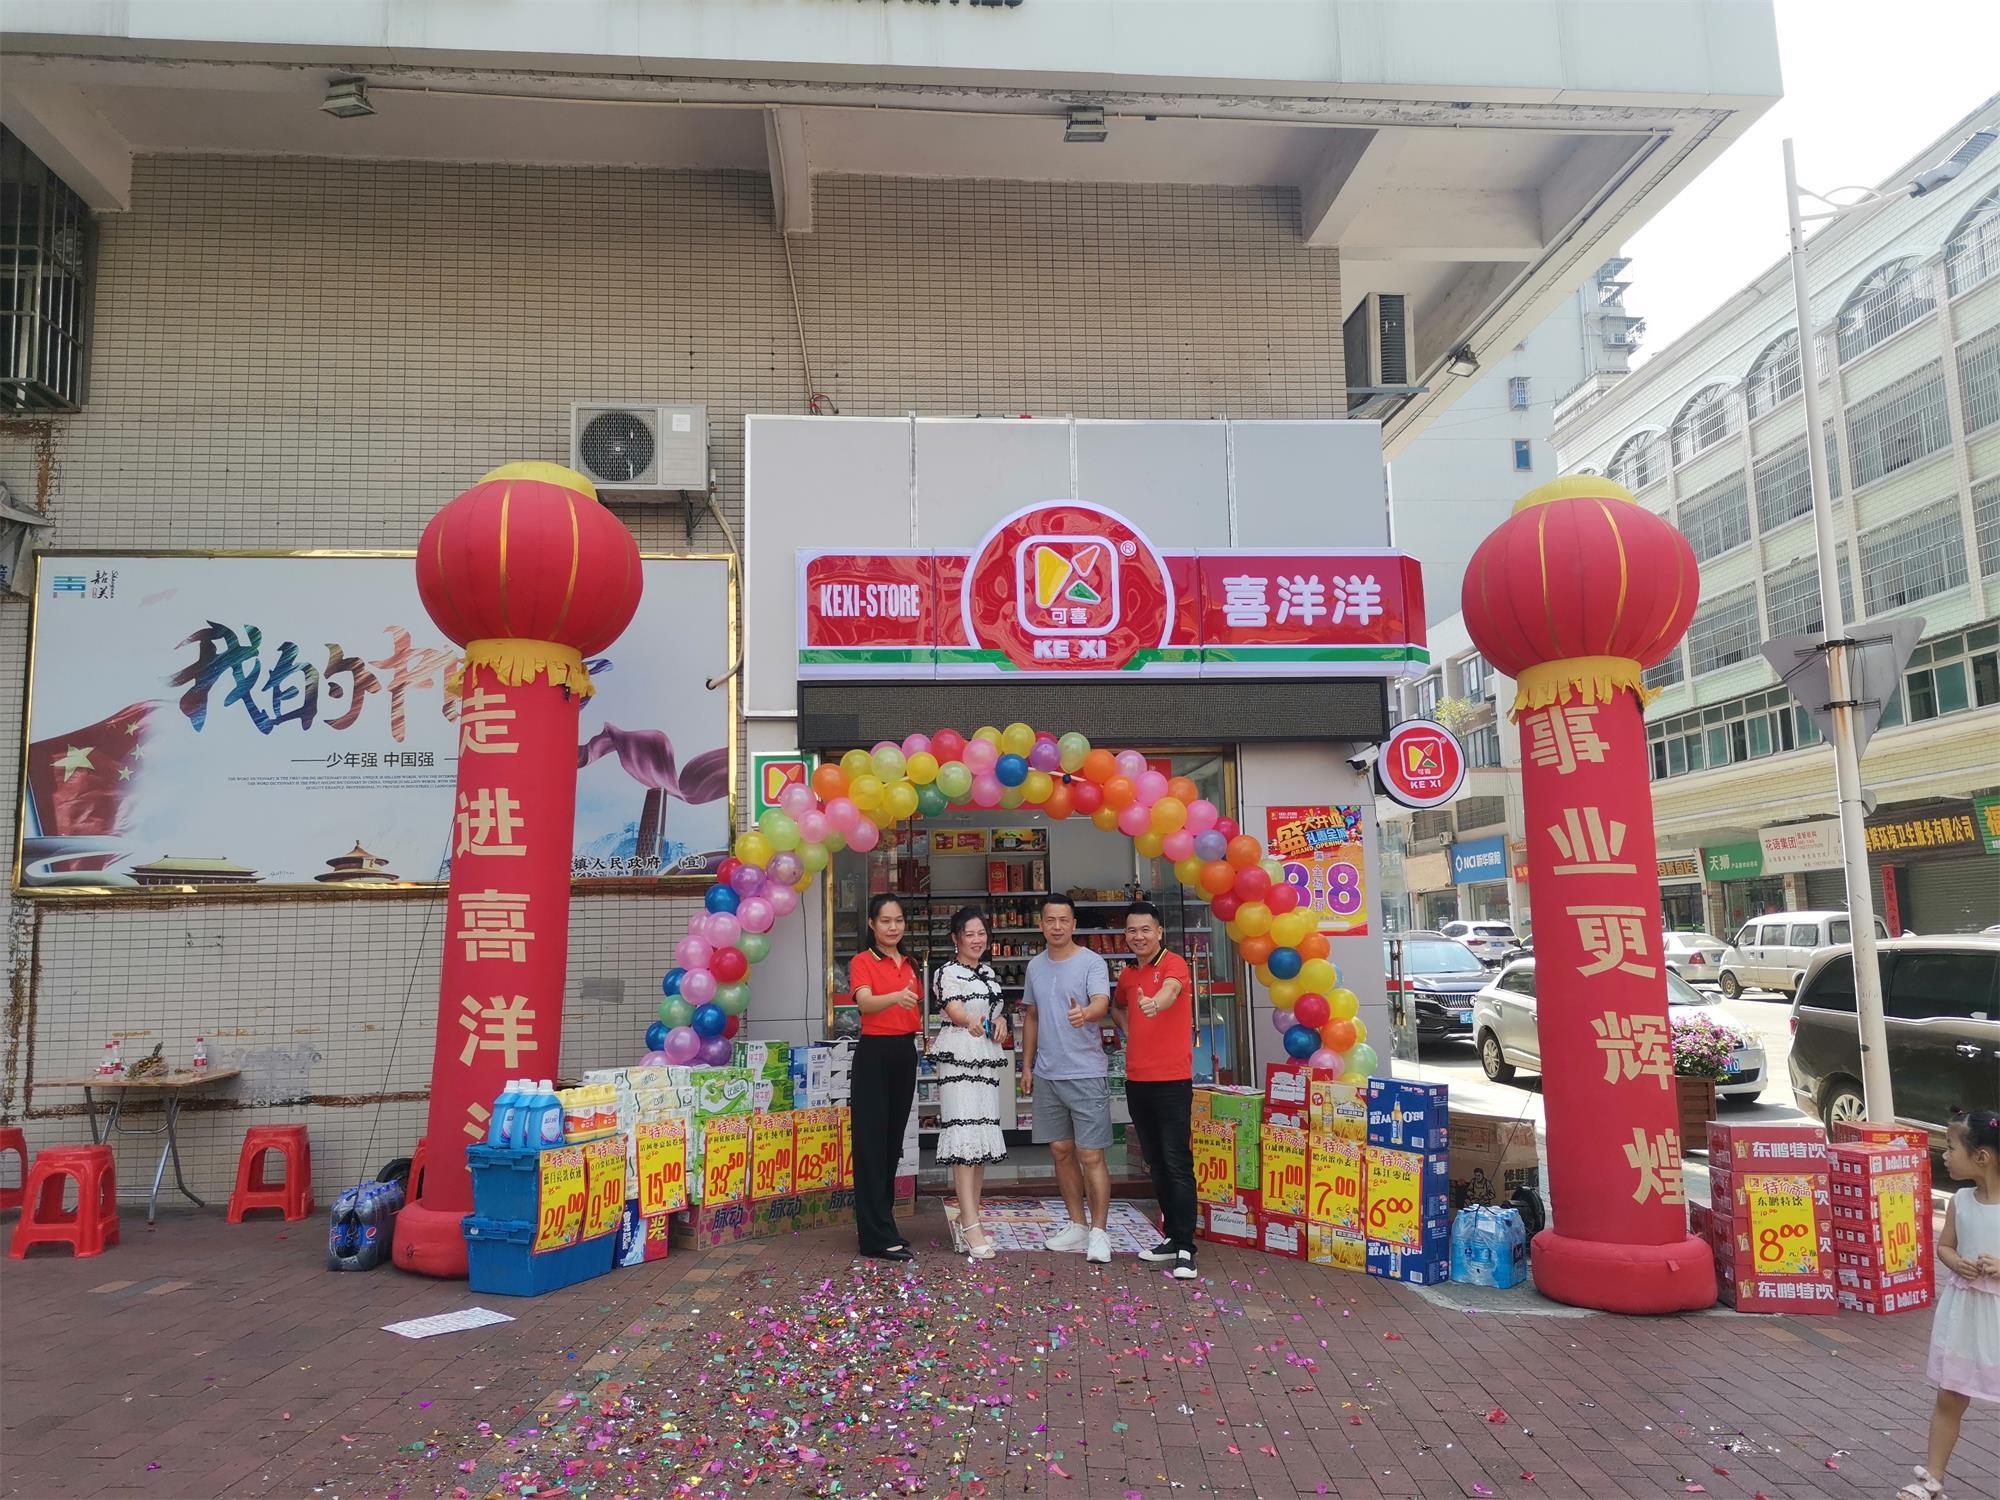 喜洋洋便利店全体同仁热烈庆祝韶关鸿利分店8月17日火爆开业